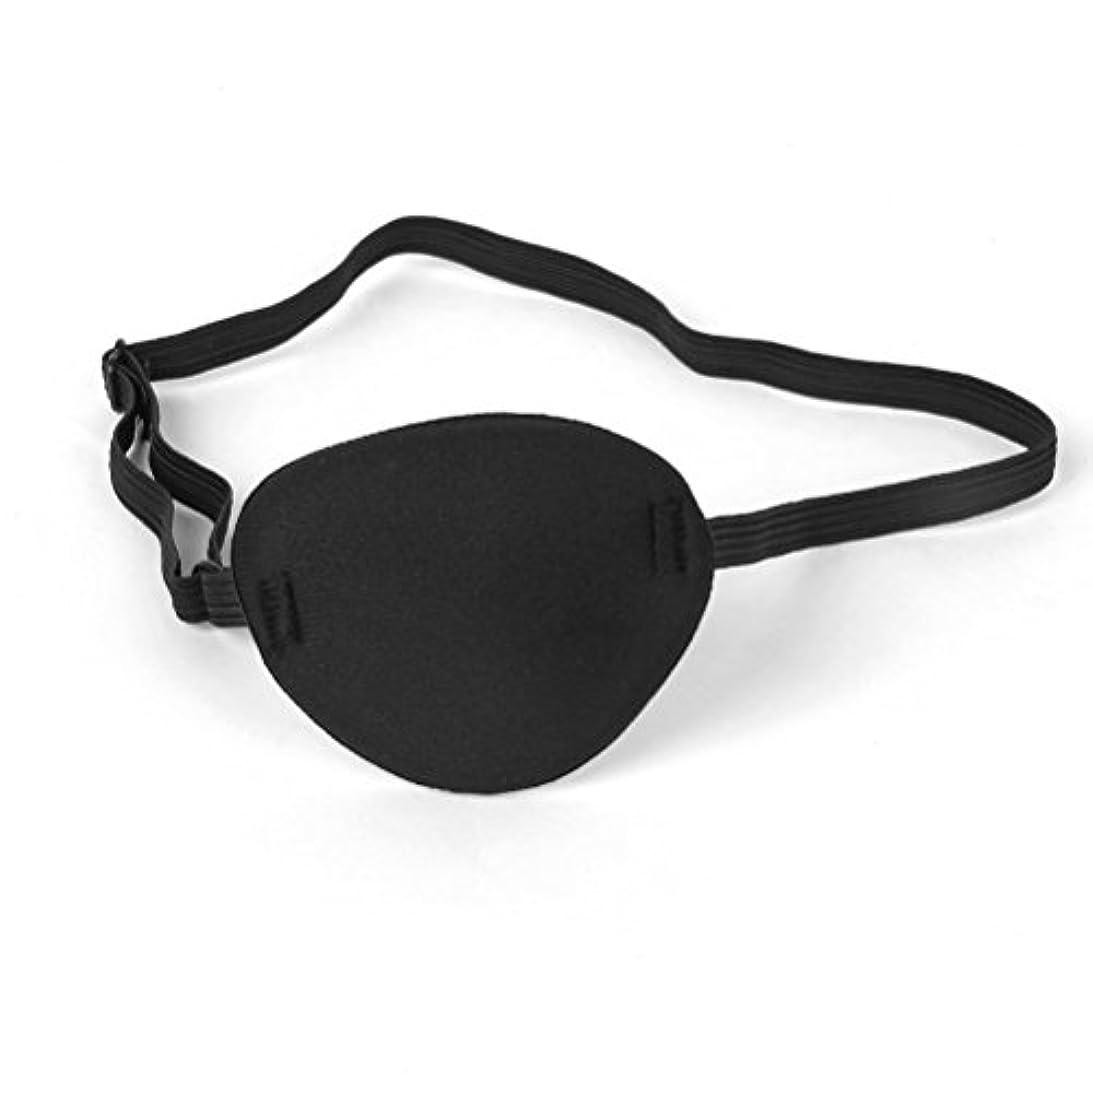 推論結婚した上記の頭と肩Healifty パイレーツスカルクロスボーンキッズアイパッチアイマスクfor Lazy Eye(Black)